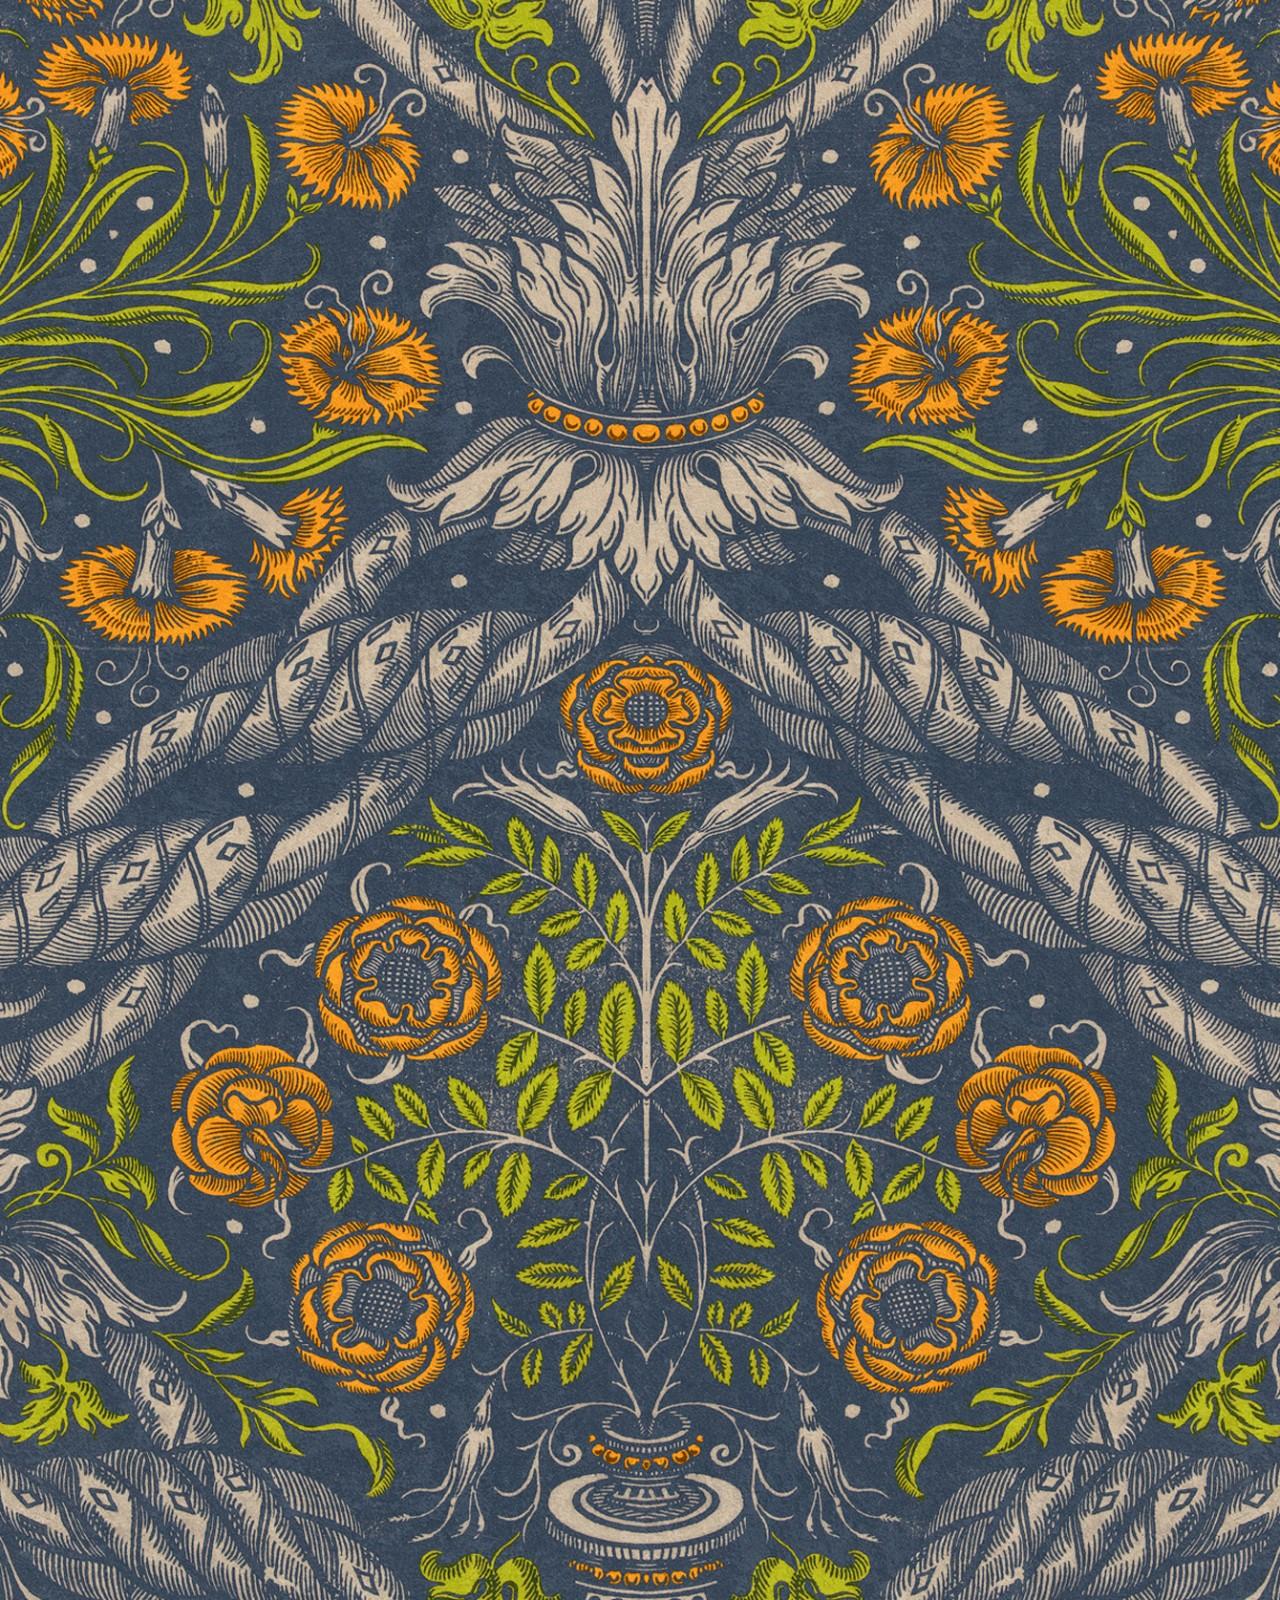 FLORAL ORNAMENT Wallpaper